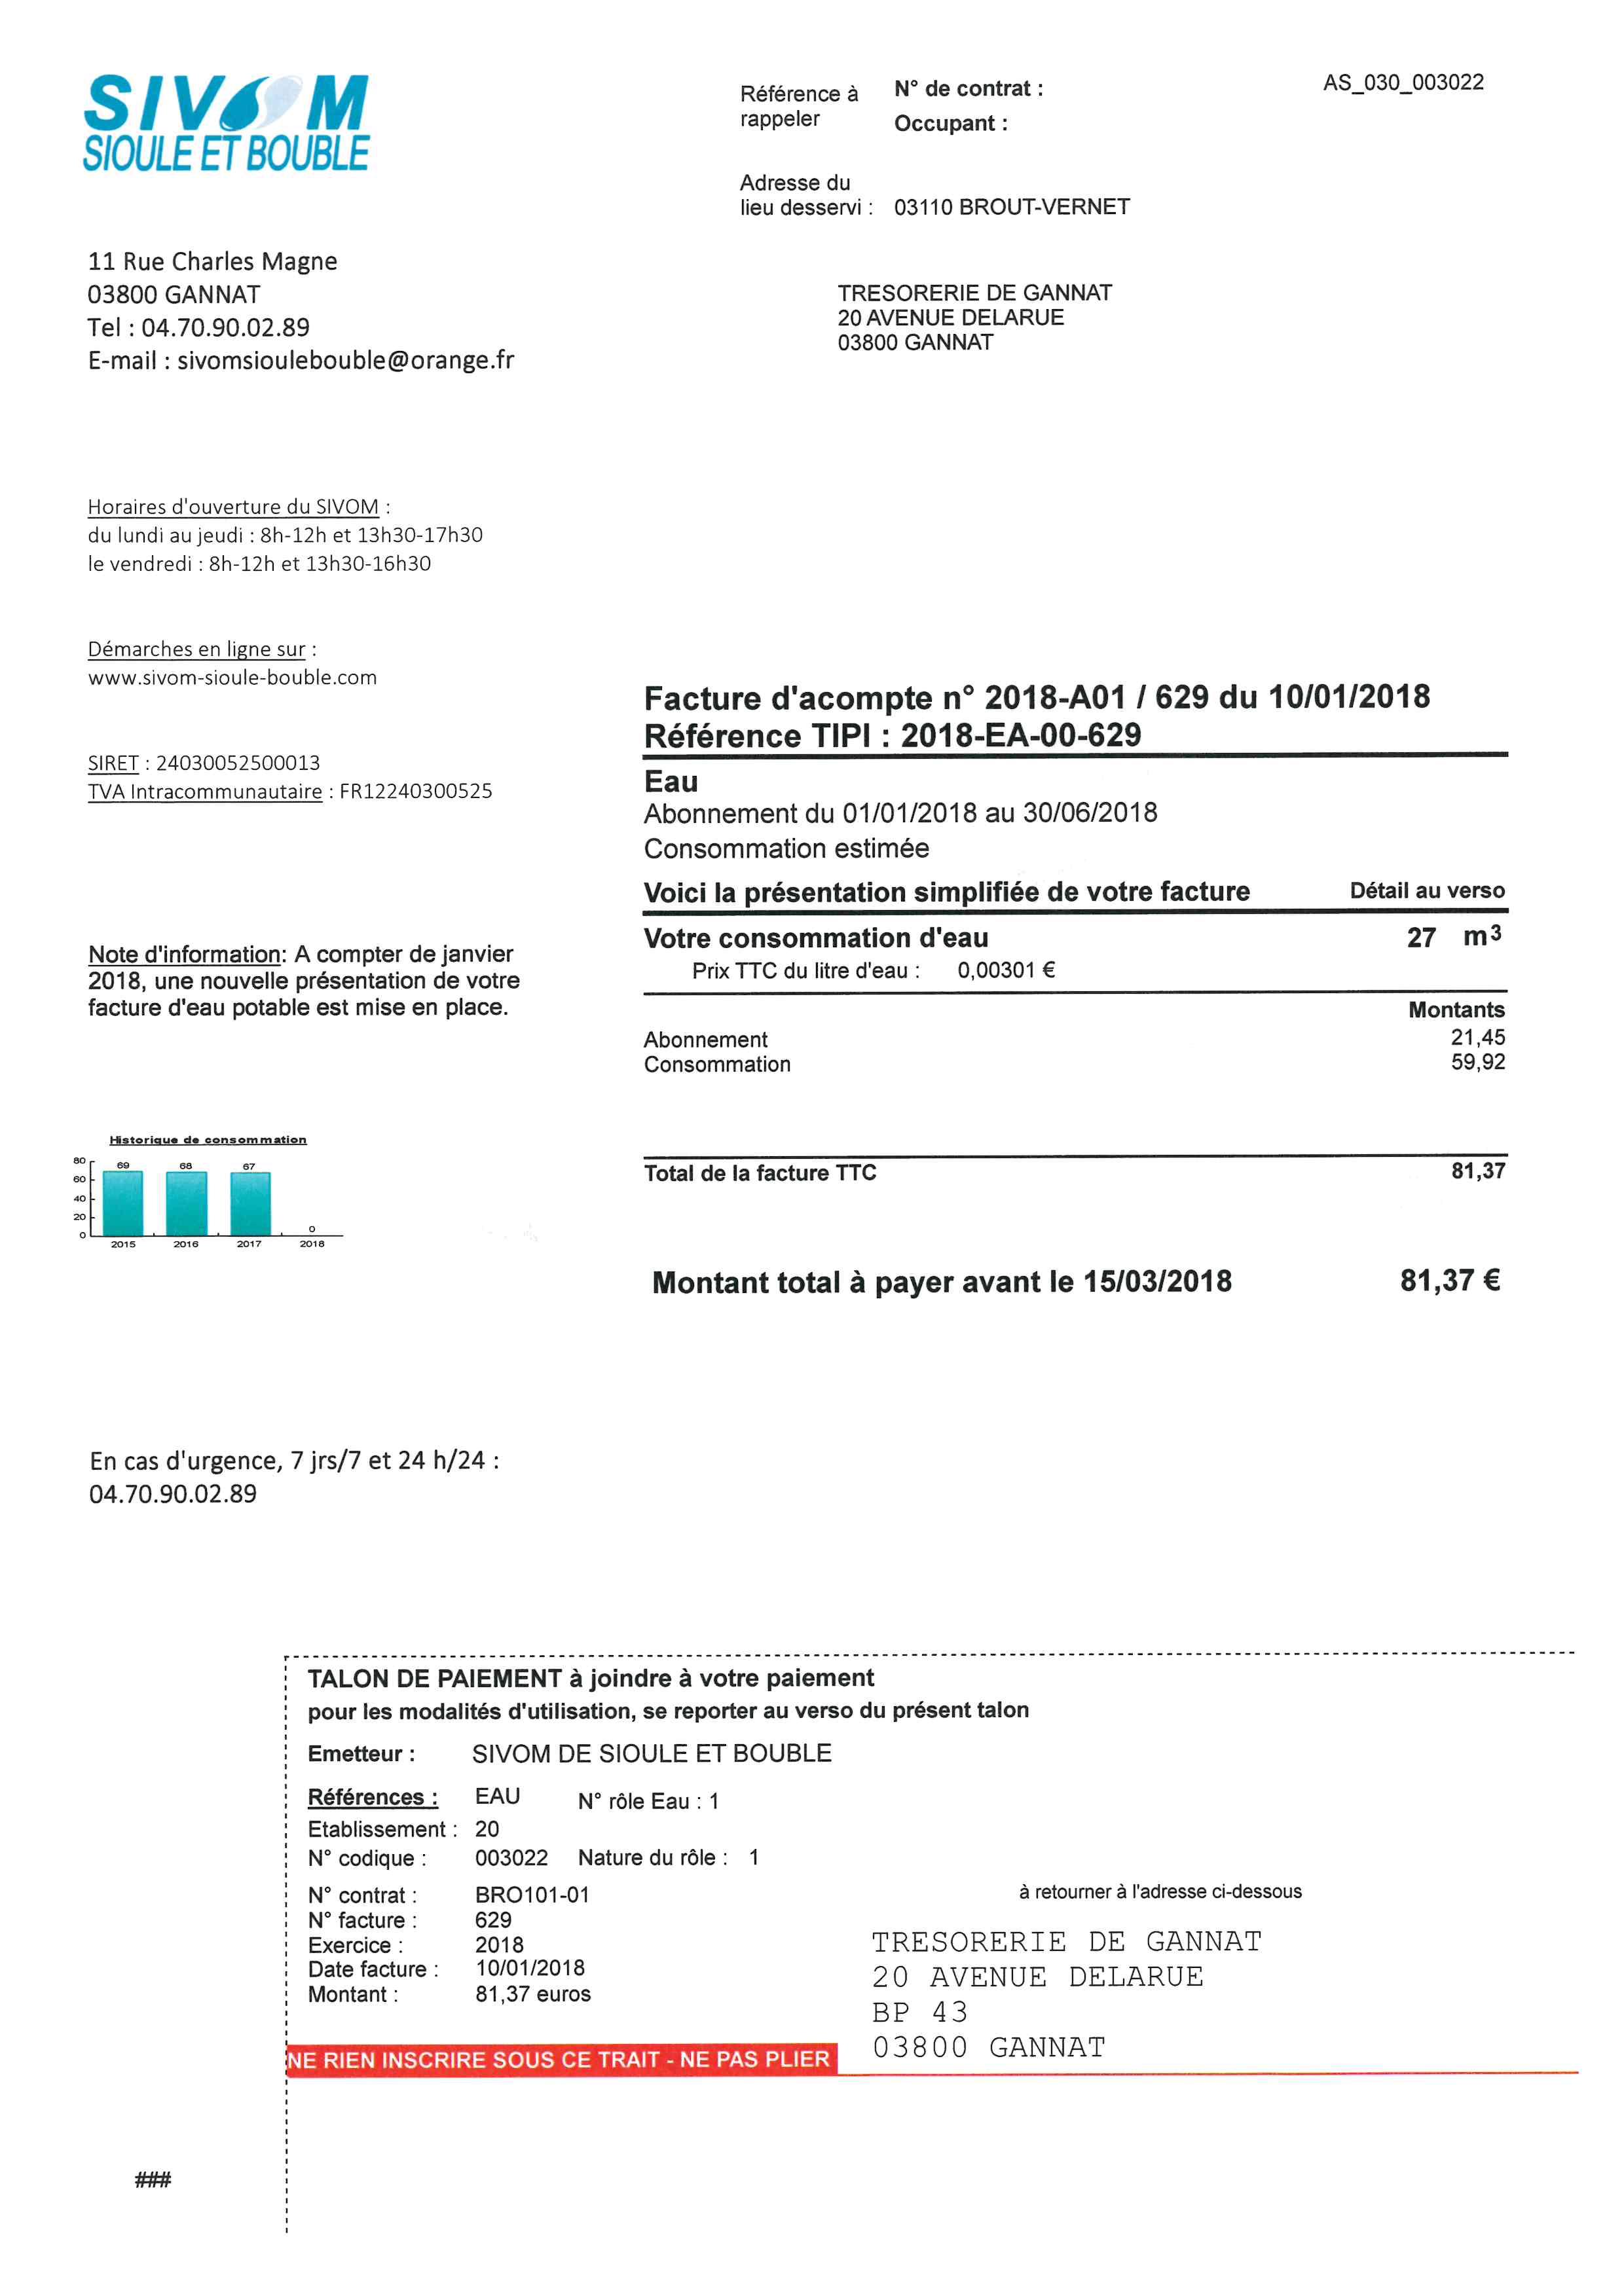 Nouvelle présentation des factures du SIVOM à compter du 1er janvier 2018